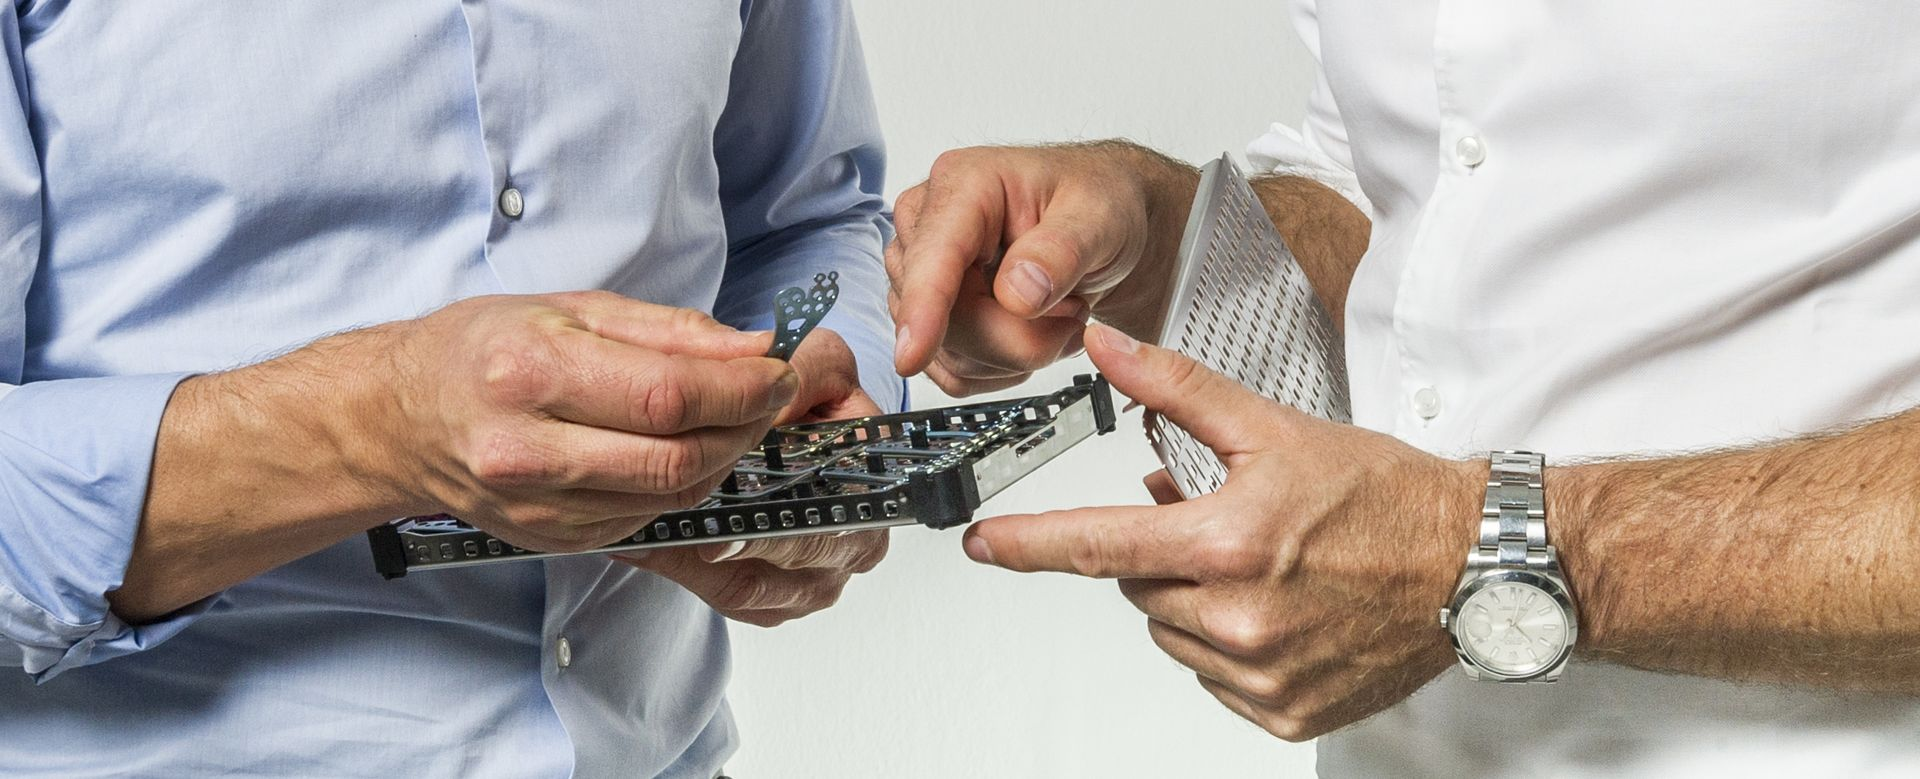 Dr. Braumüller und Dr. Kuttnigg, Privatpraxis für Hand-Schulterchirurgie